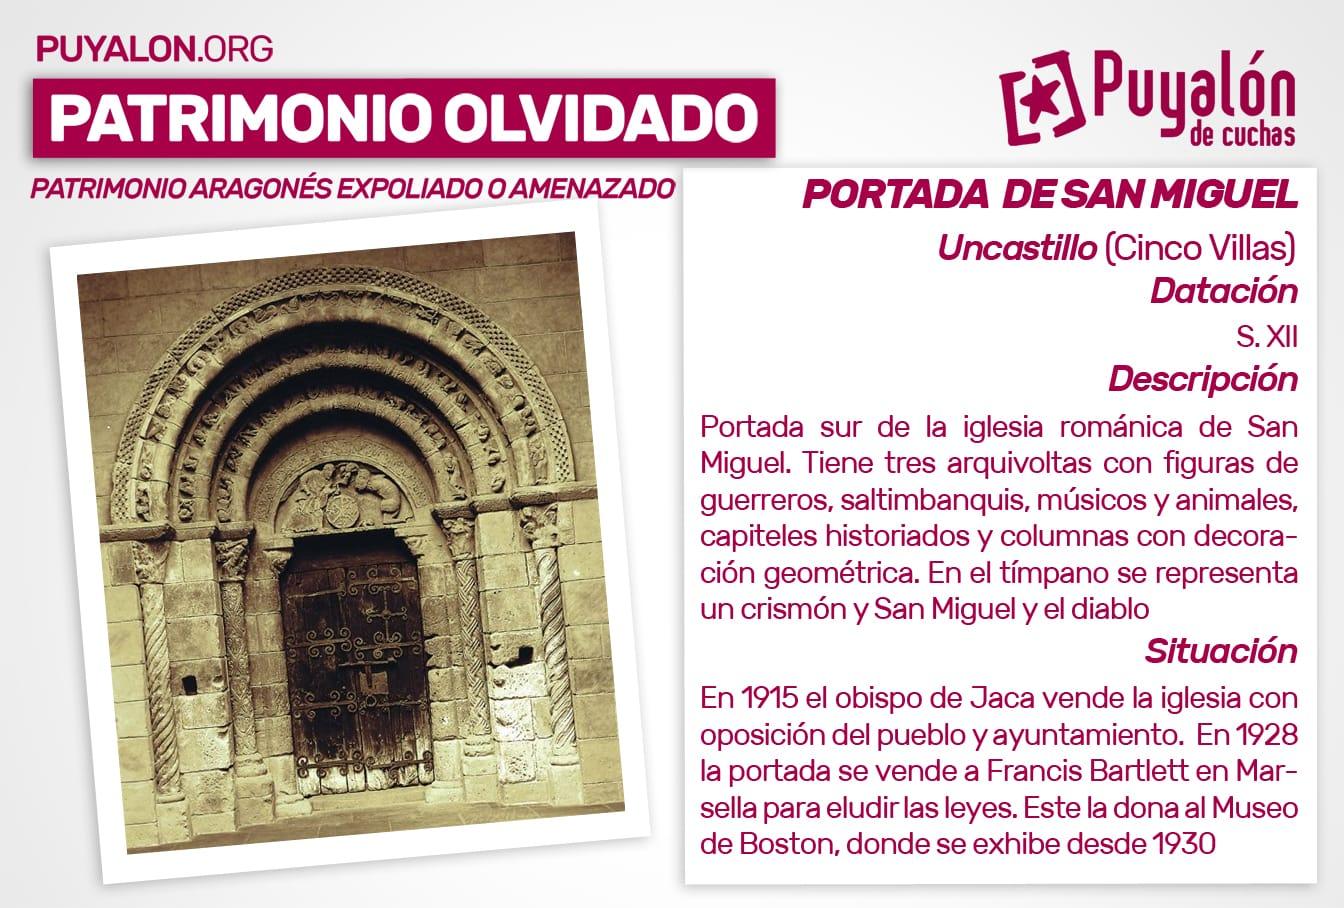 Portada de la iglesia de San Miguel de Uncastillo